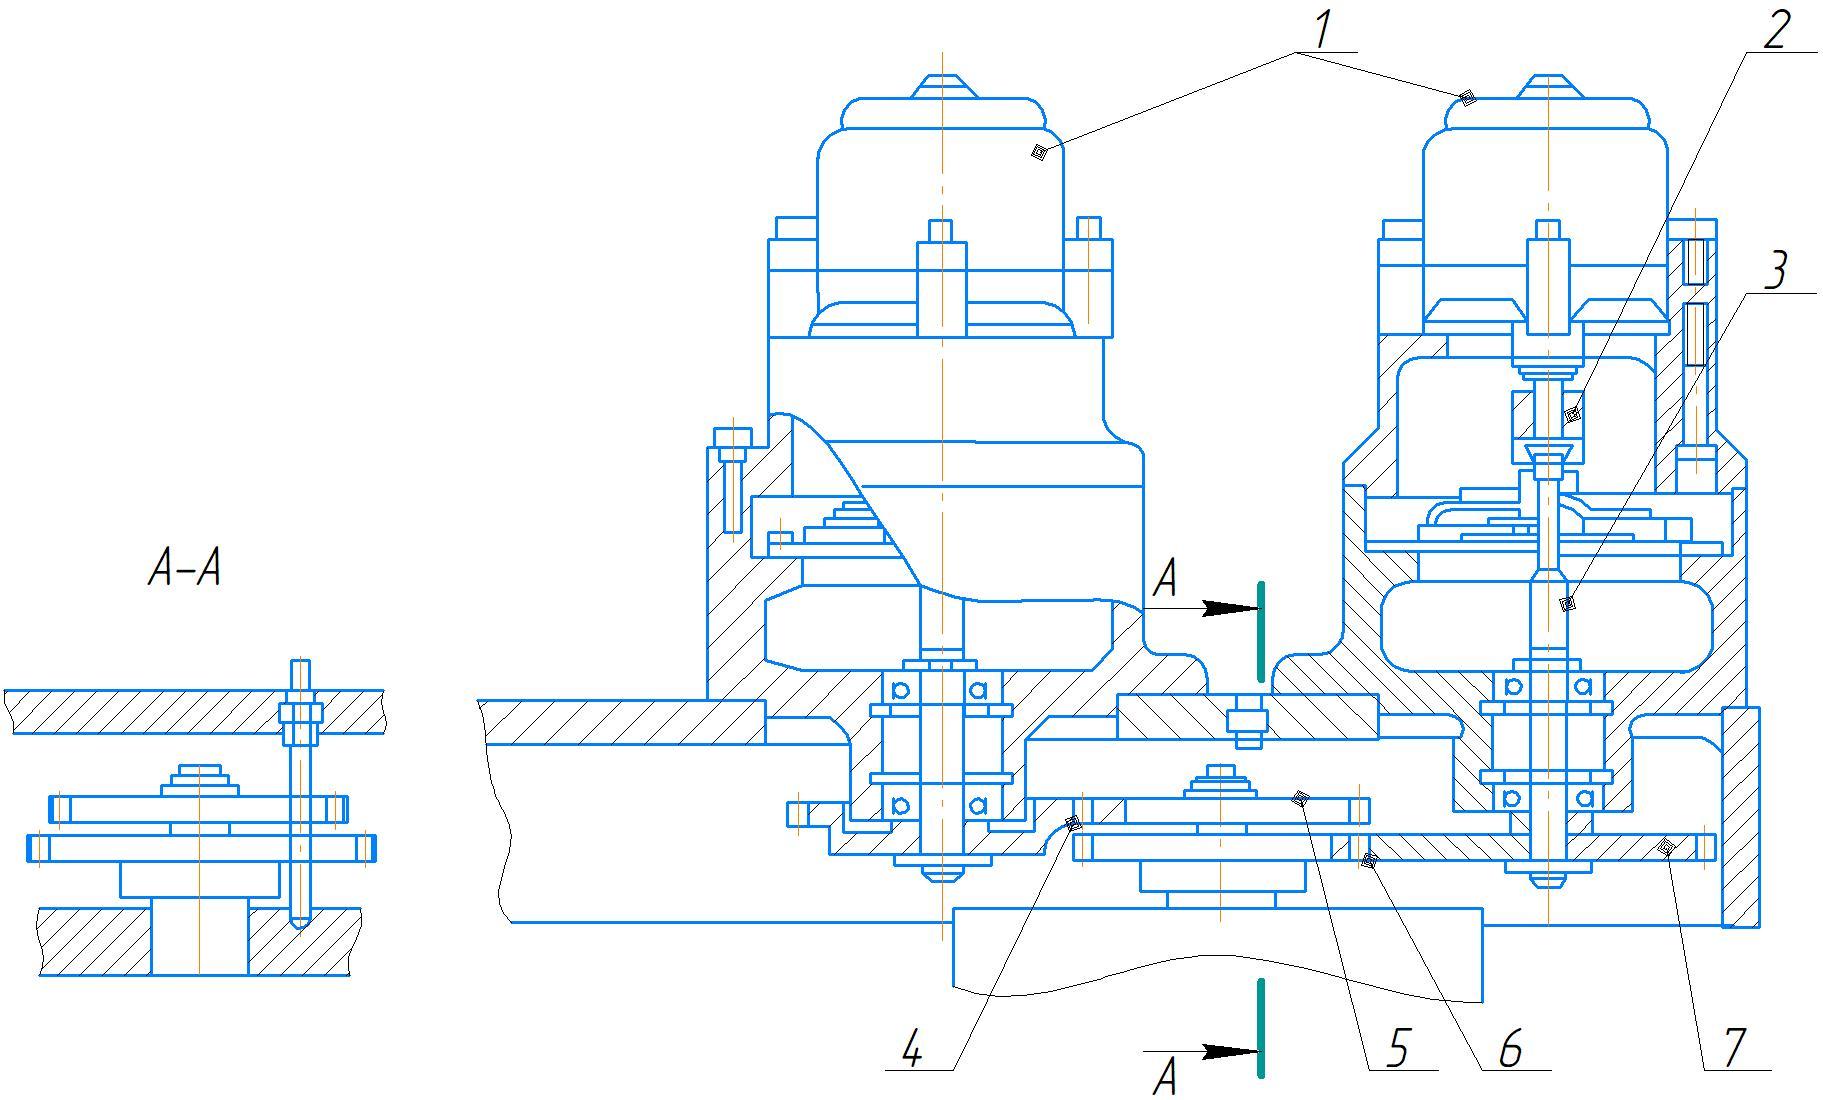 Привод электрогидравлического механизма преселективного управления коробкой скоростей и подач станка 2А554